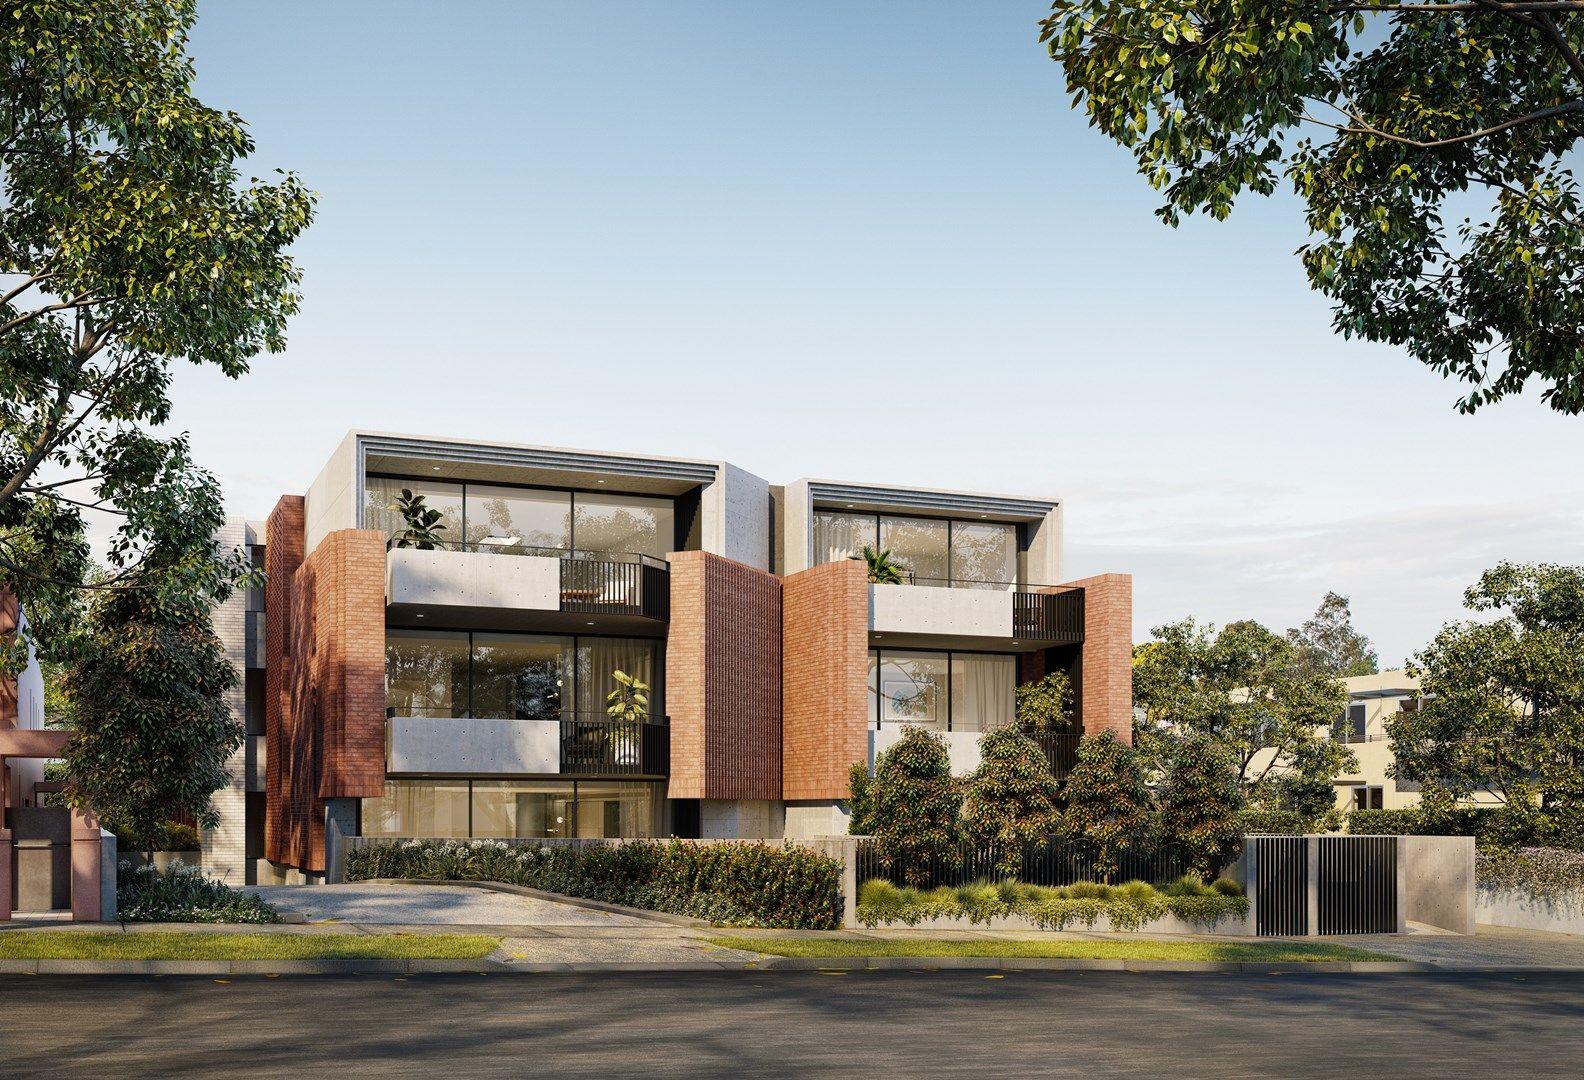 1-3 Spencer Street, Rose Bay, NSW 2029, Image 0